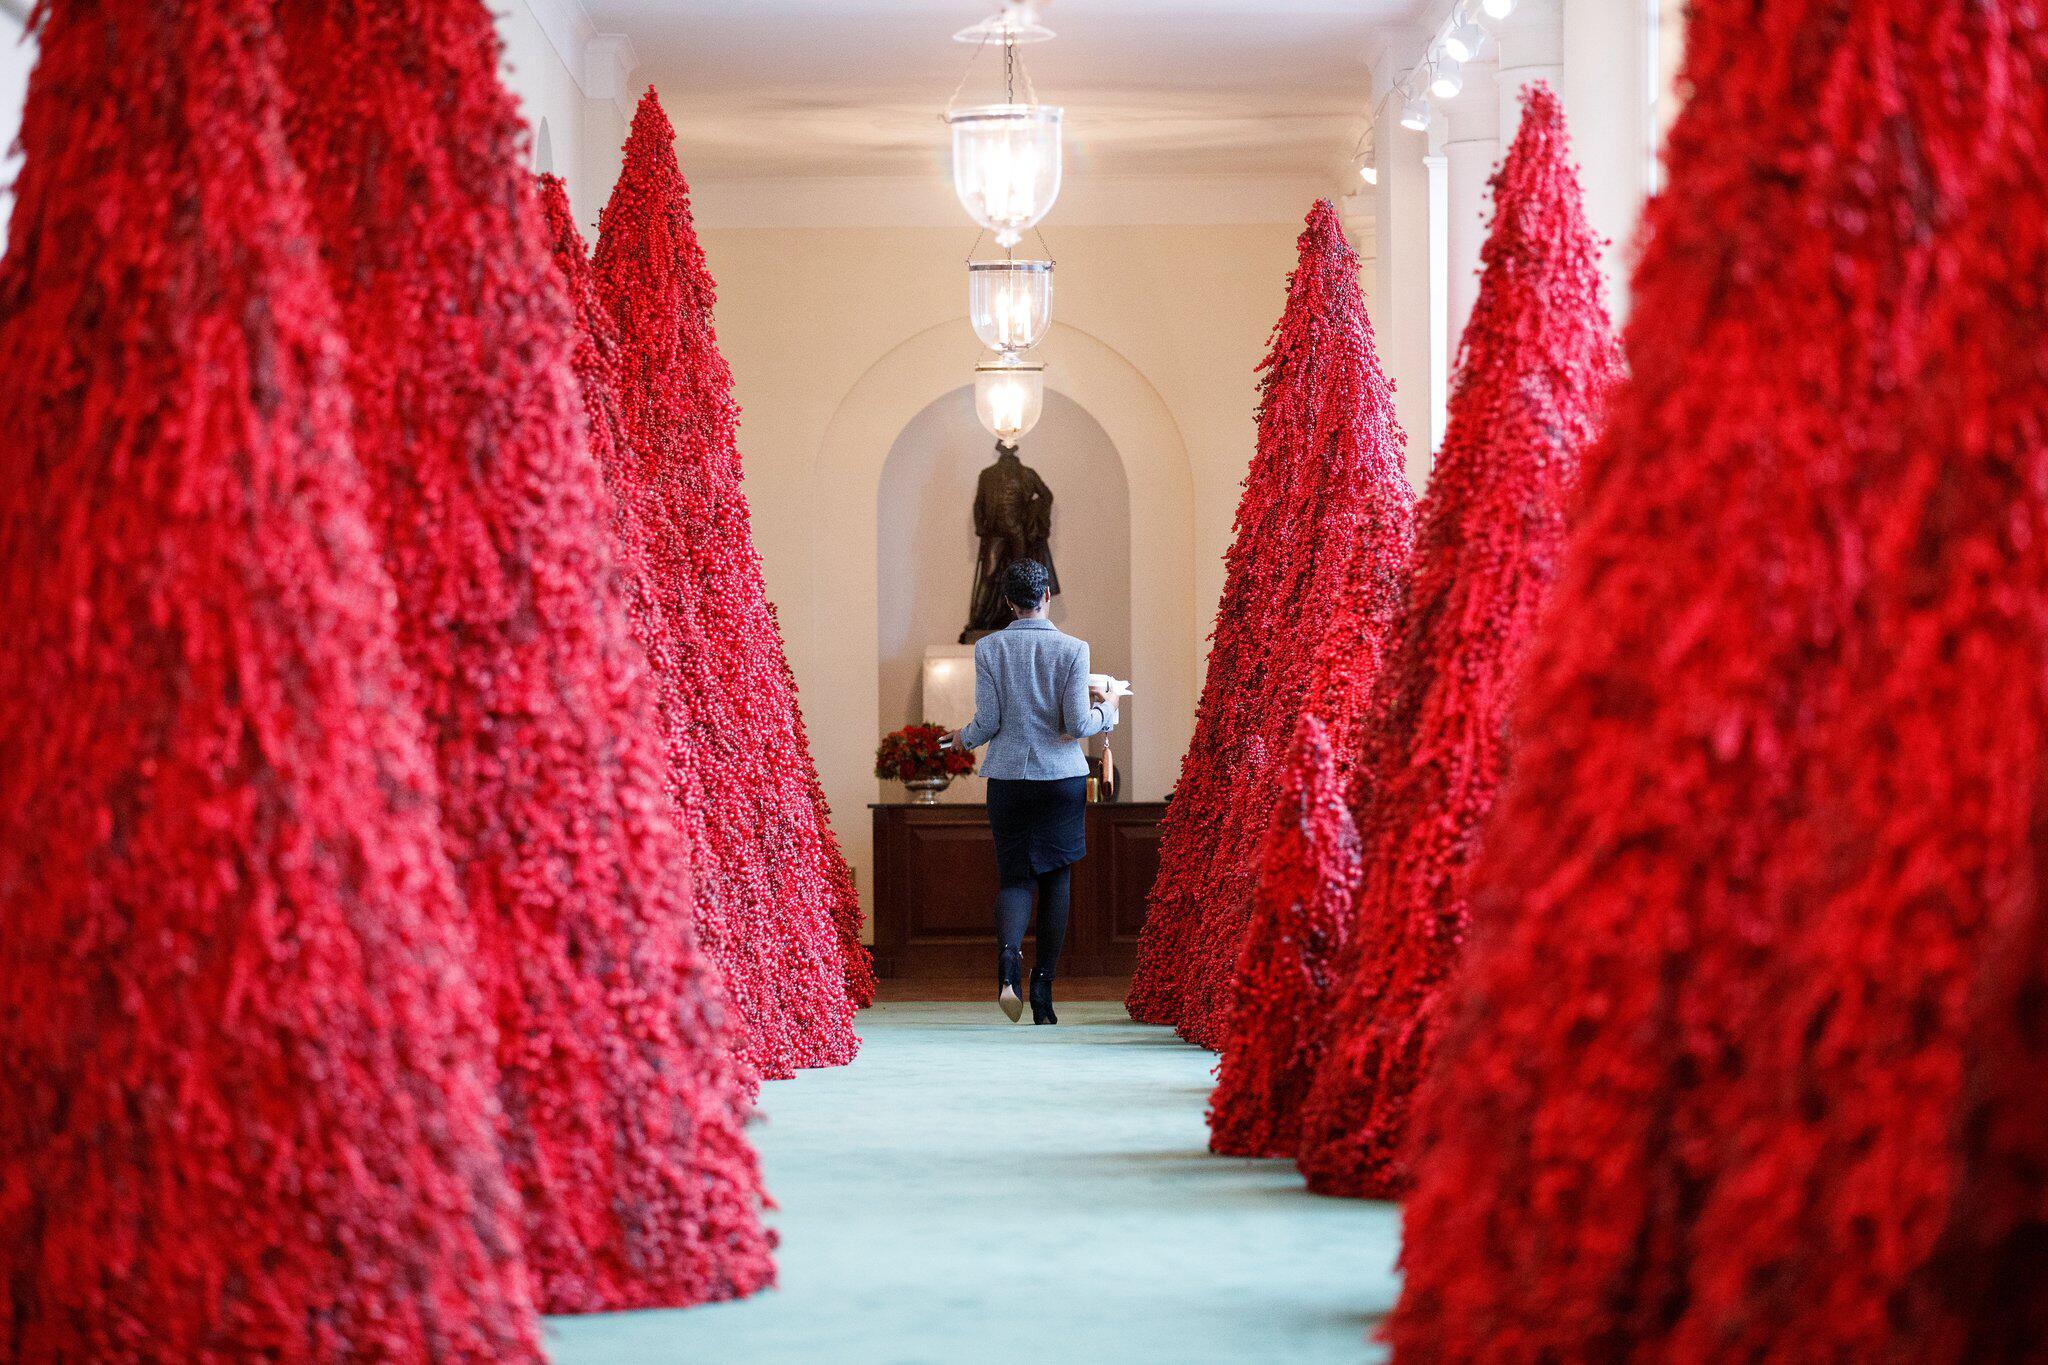 Bild zu Weihnachten im Weißen Haus